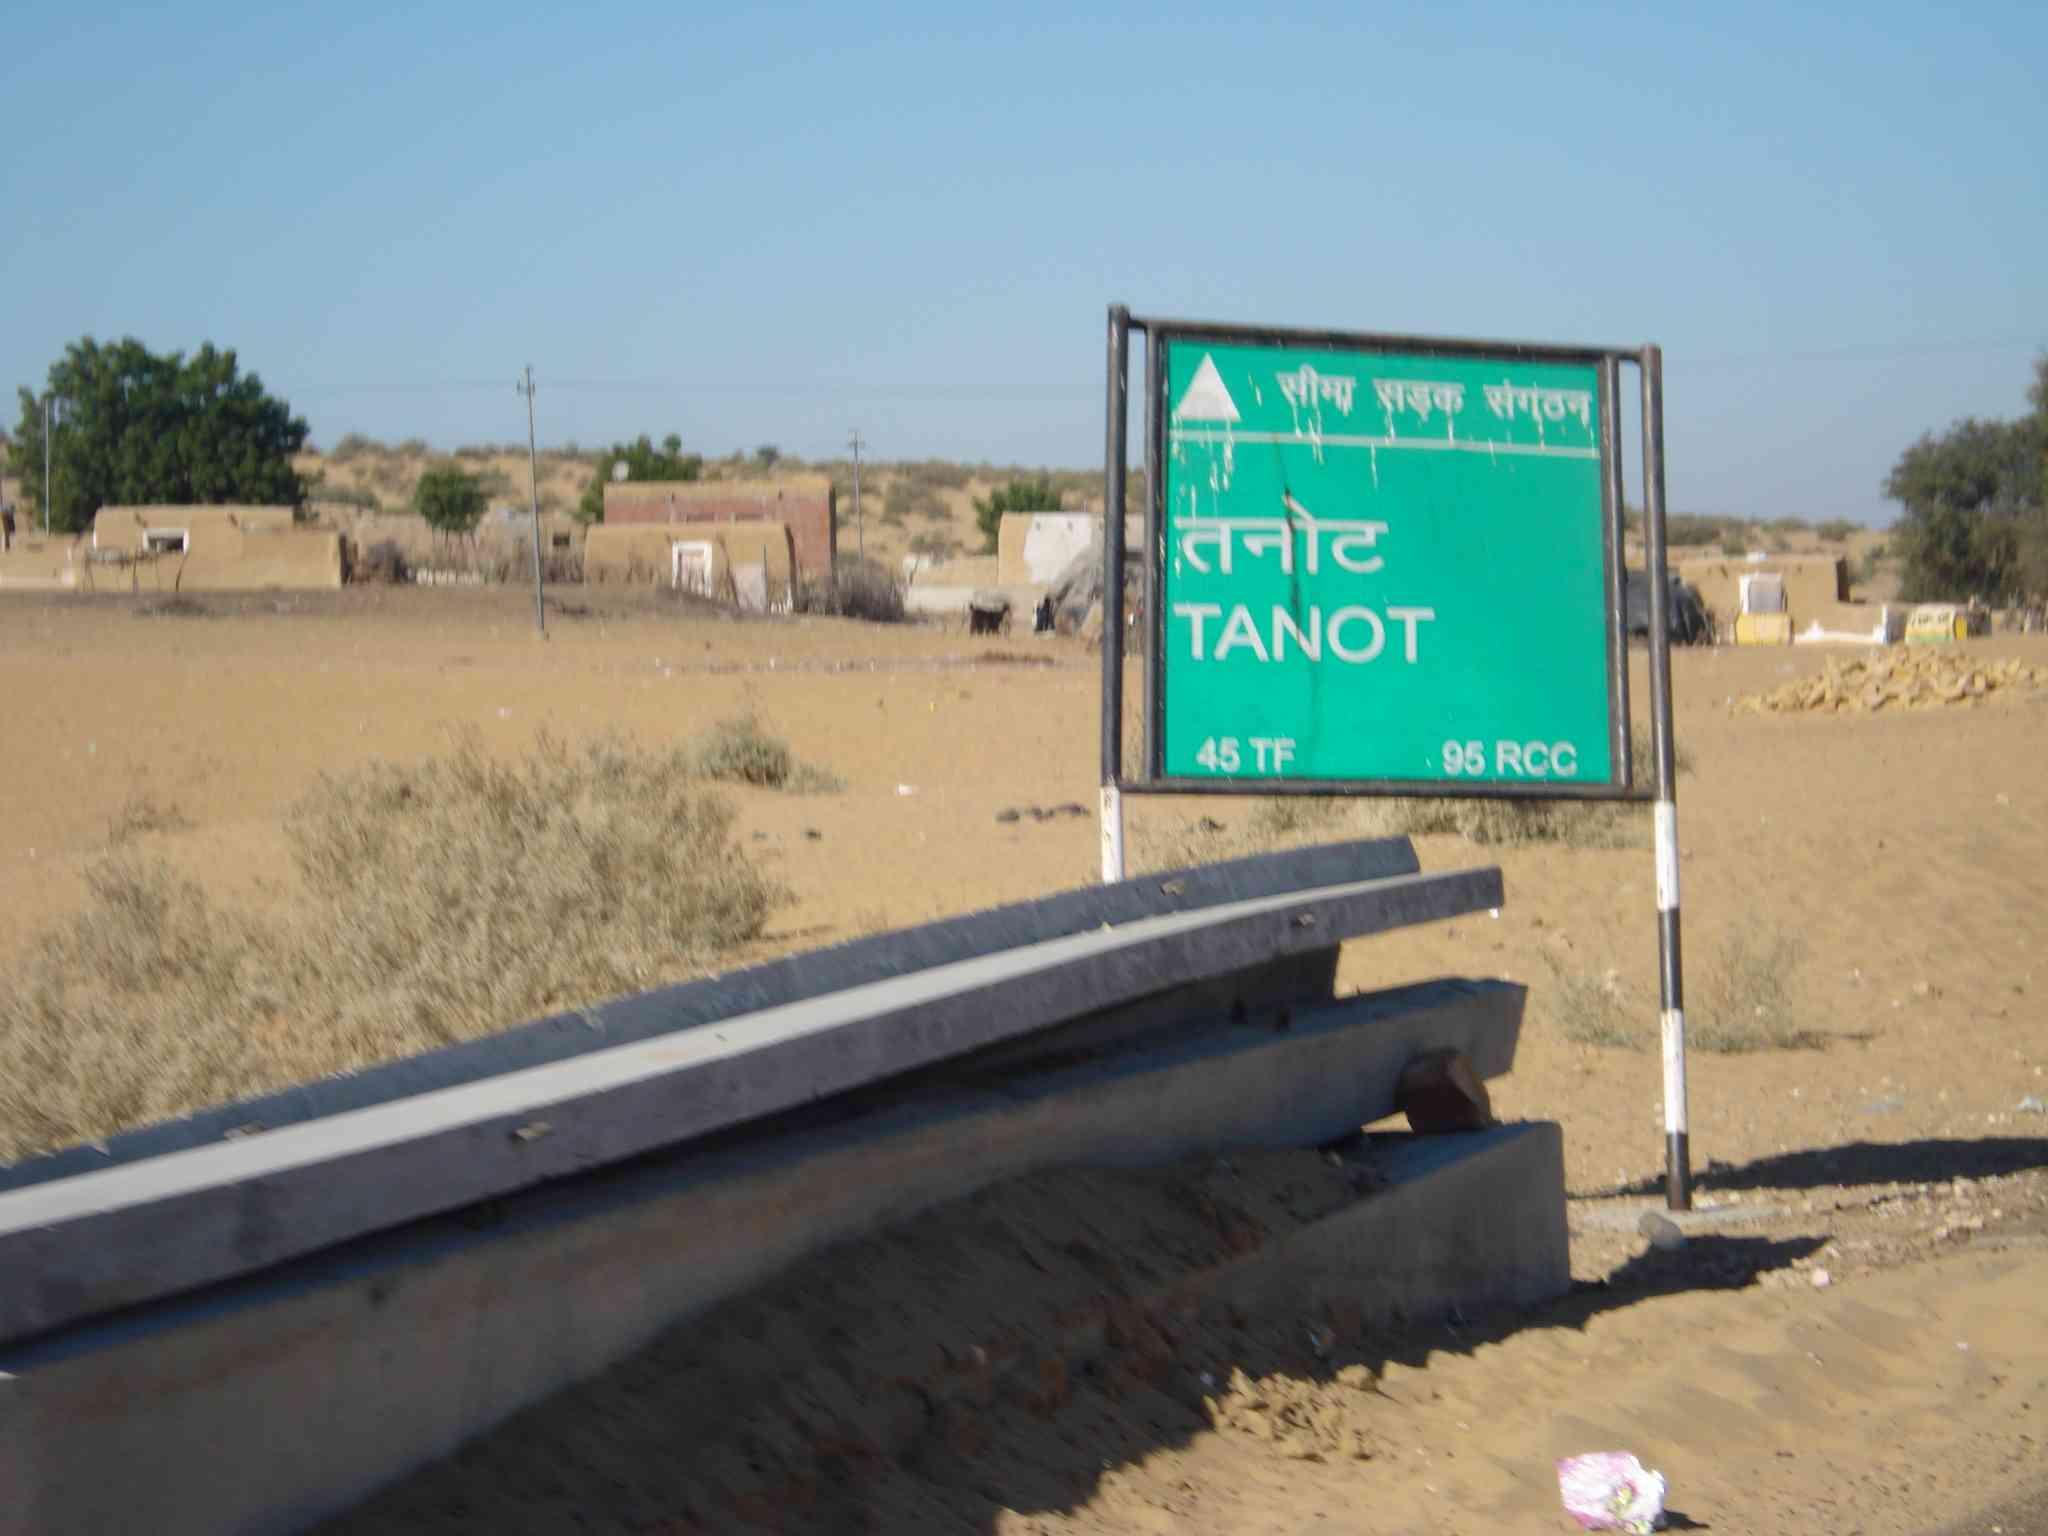 Tanot, near Longewala Border, Jaisalmer